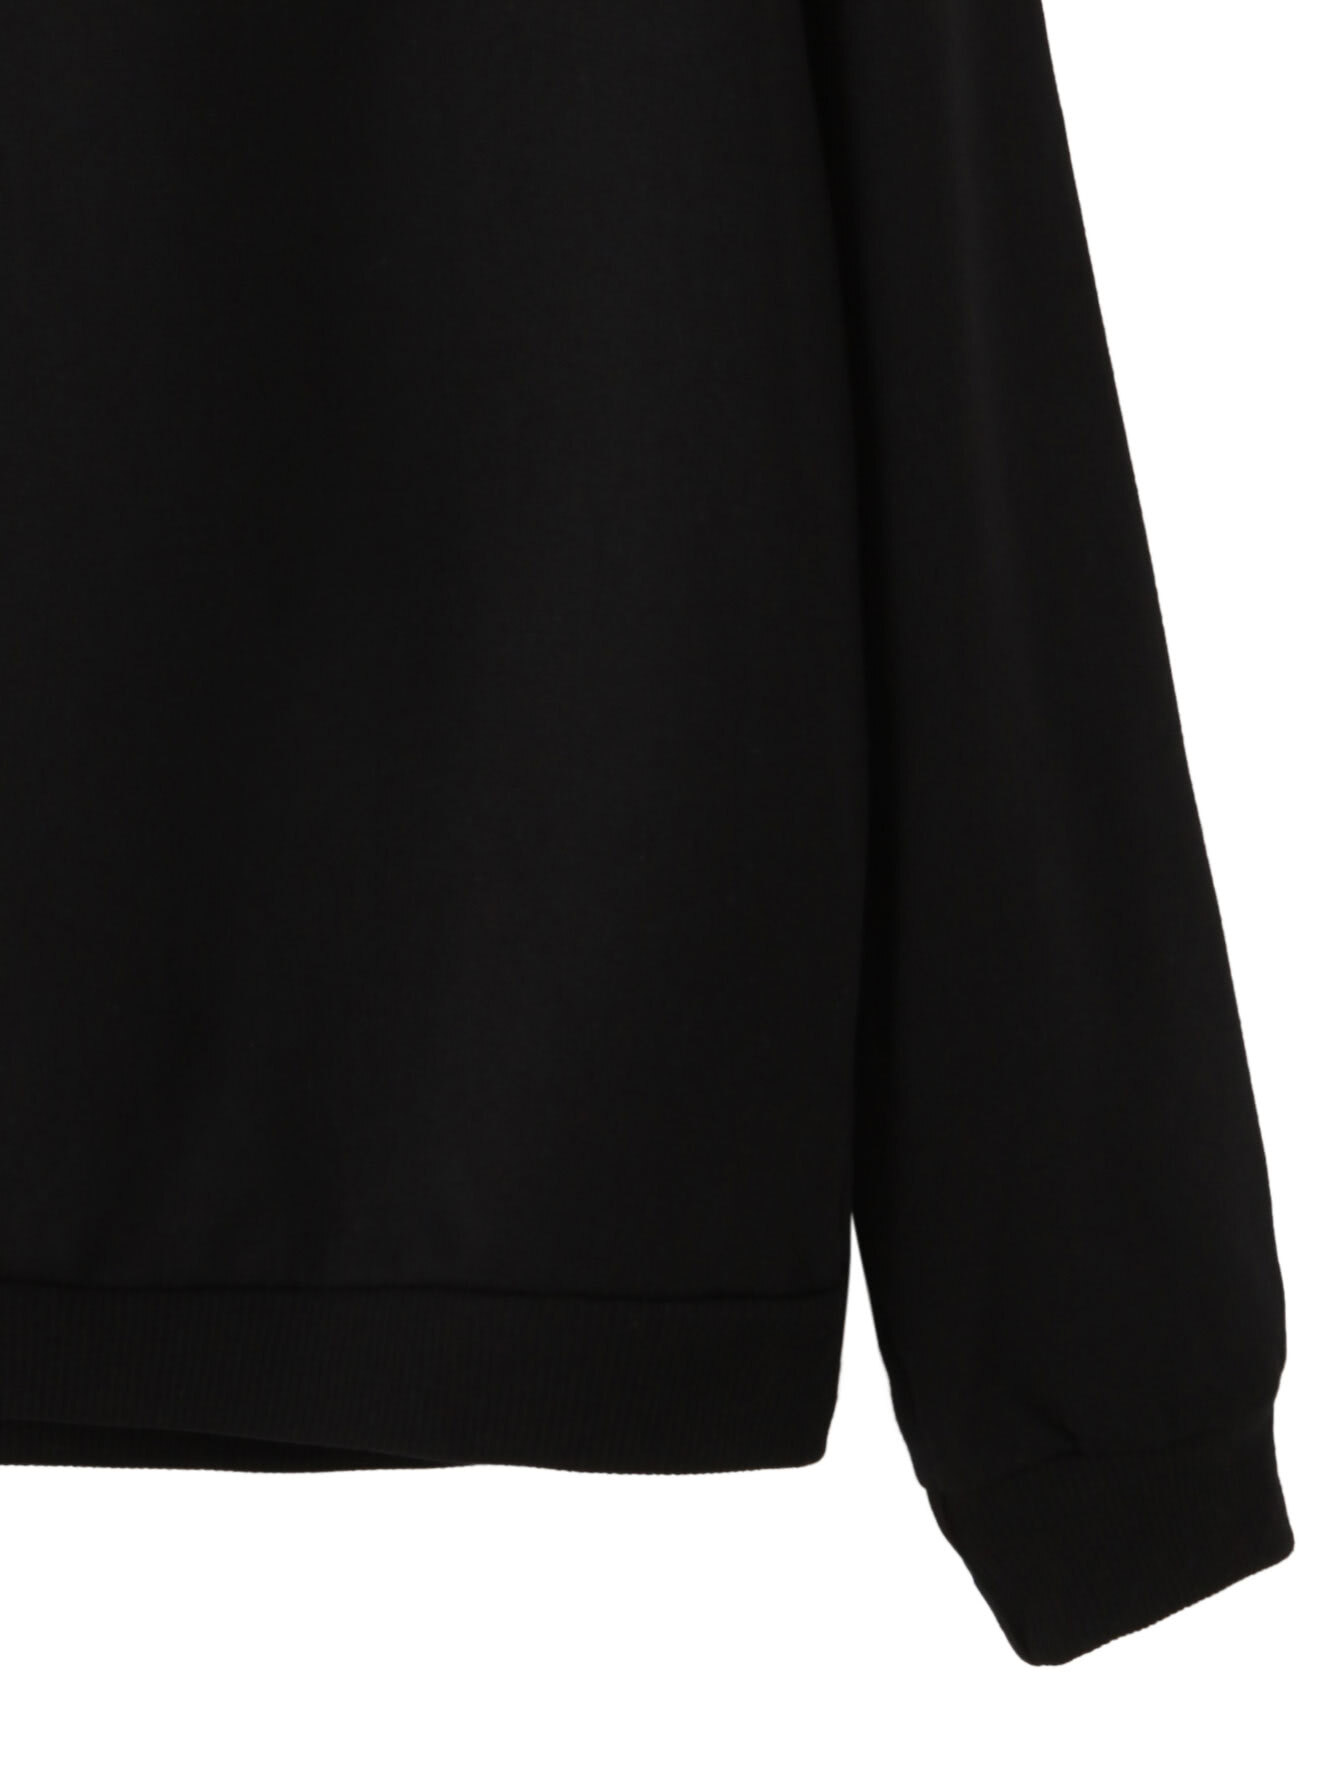 sweatshirt160902124_2